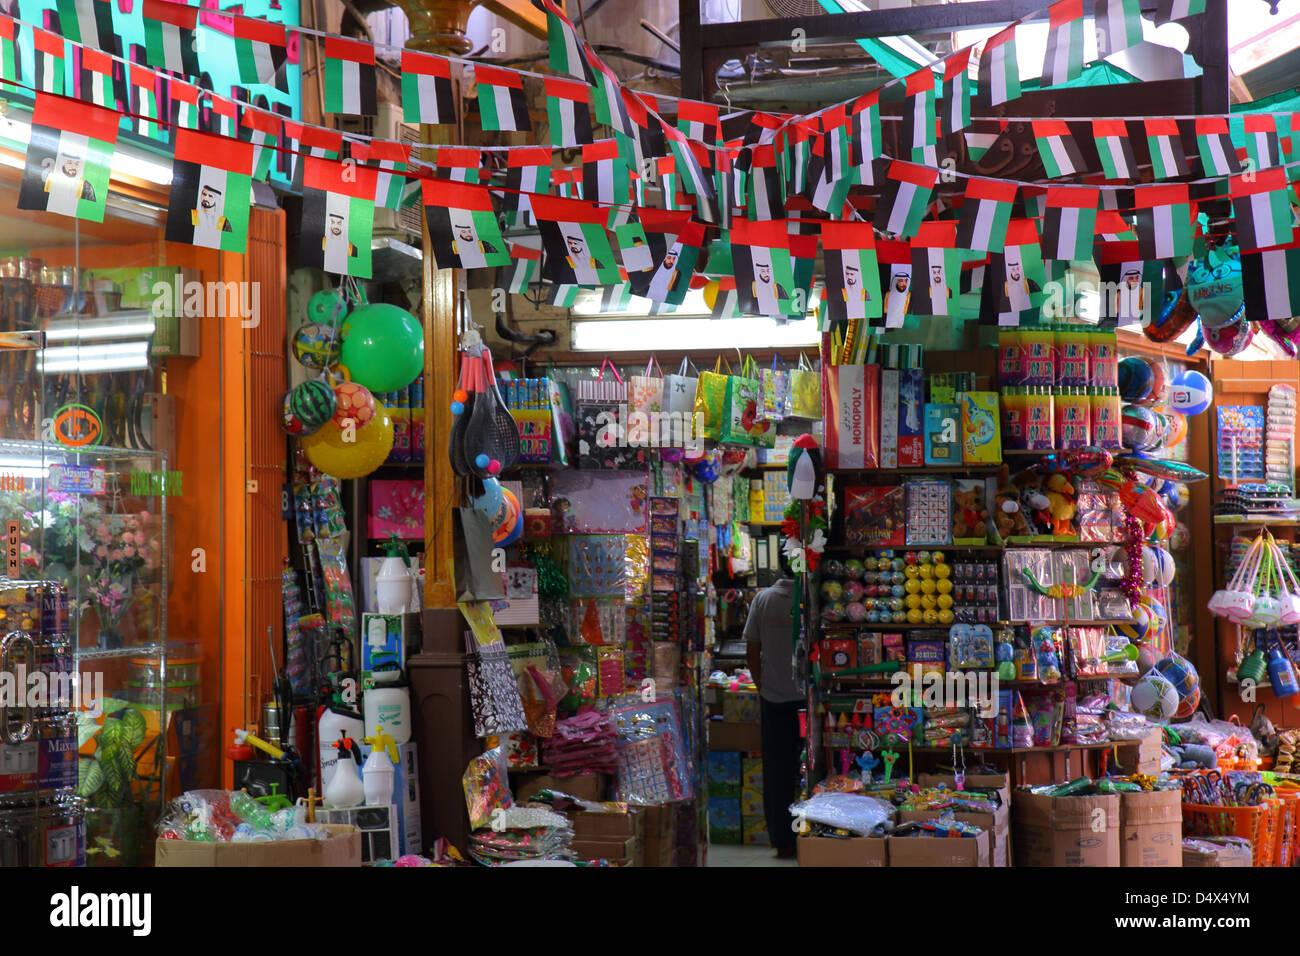 Markt in Dubai, Vereinigte Arabische Emirate Stockbild